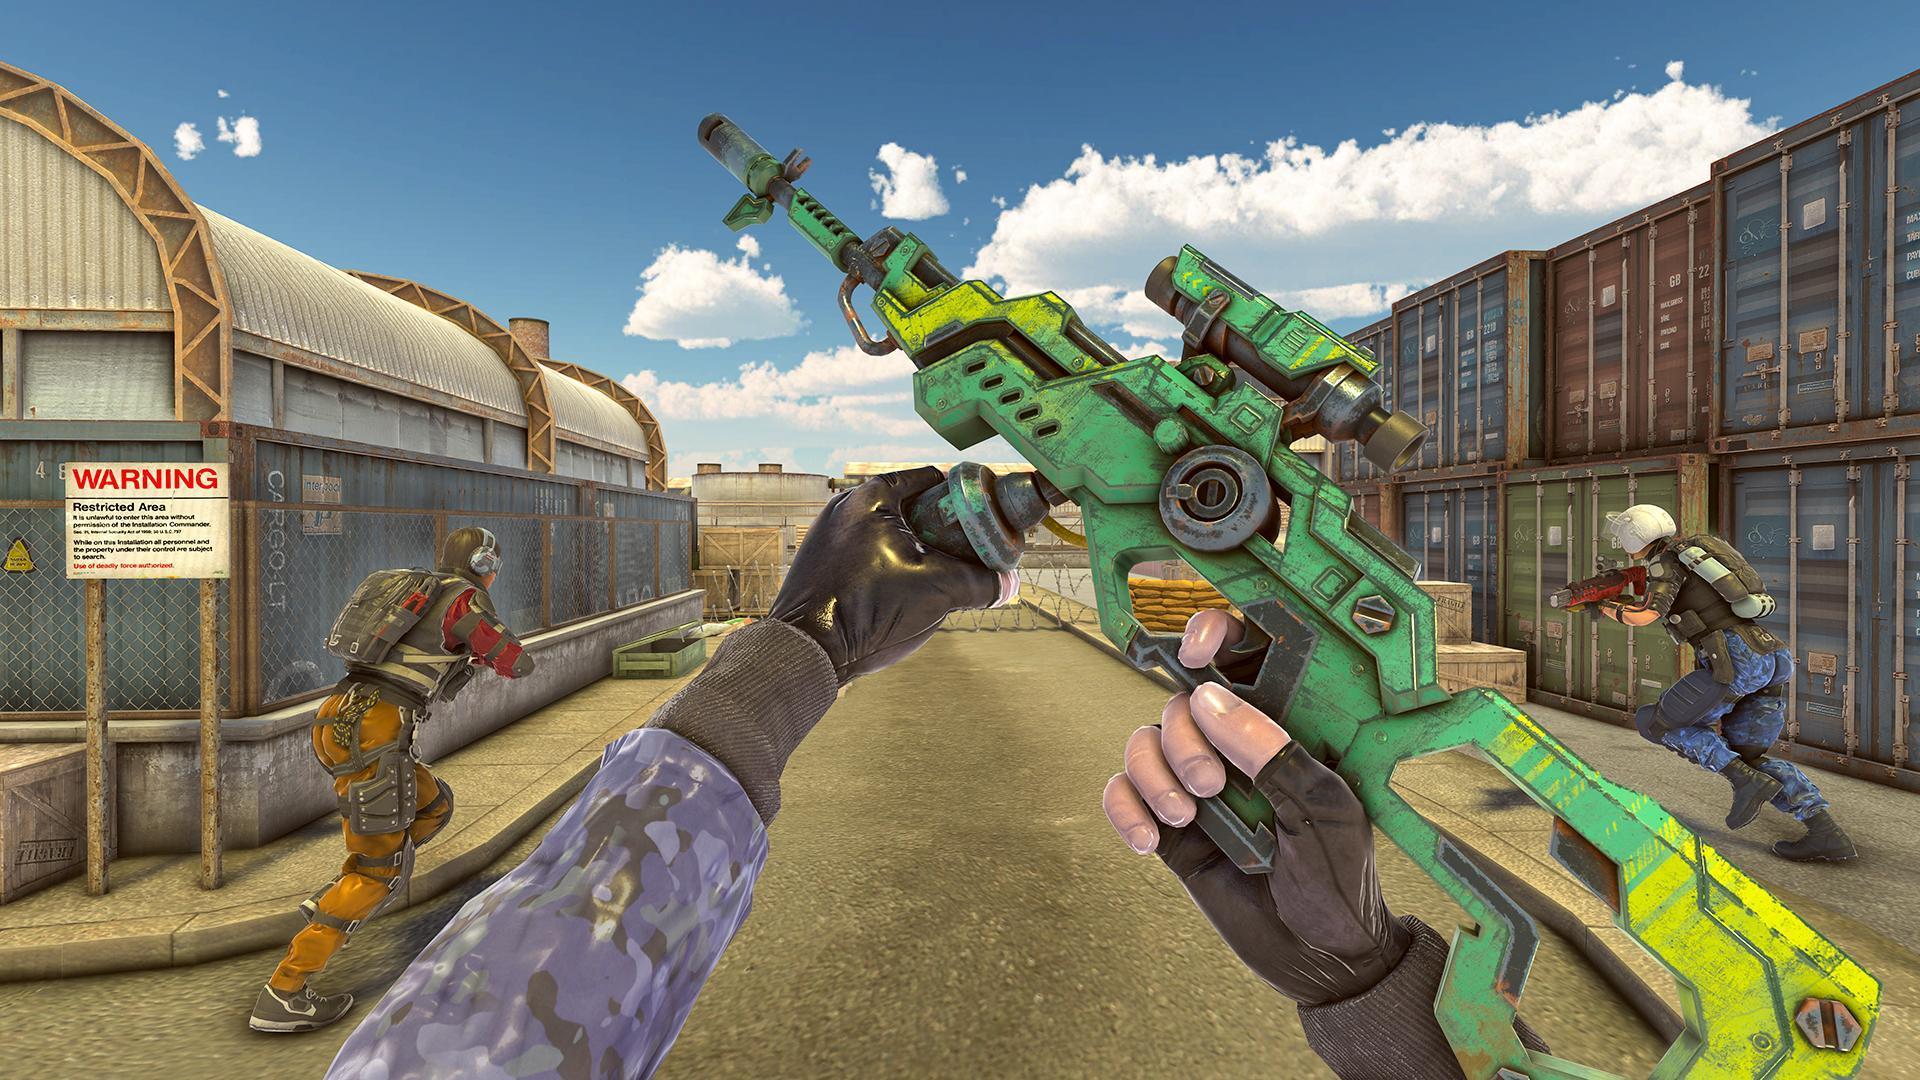 Legend Fire Battleground Shooting Game 1.9 Screenshot 1